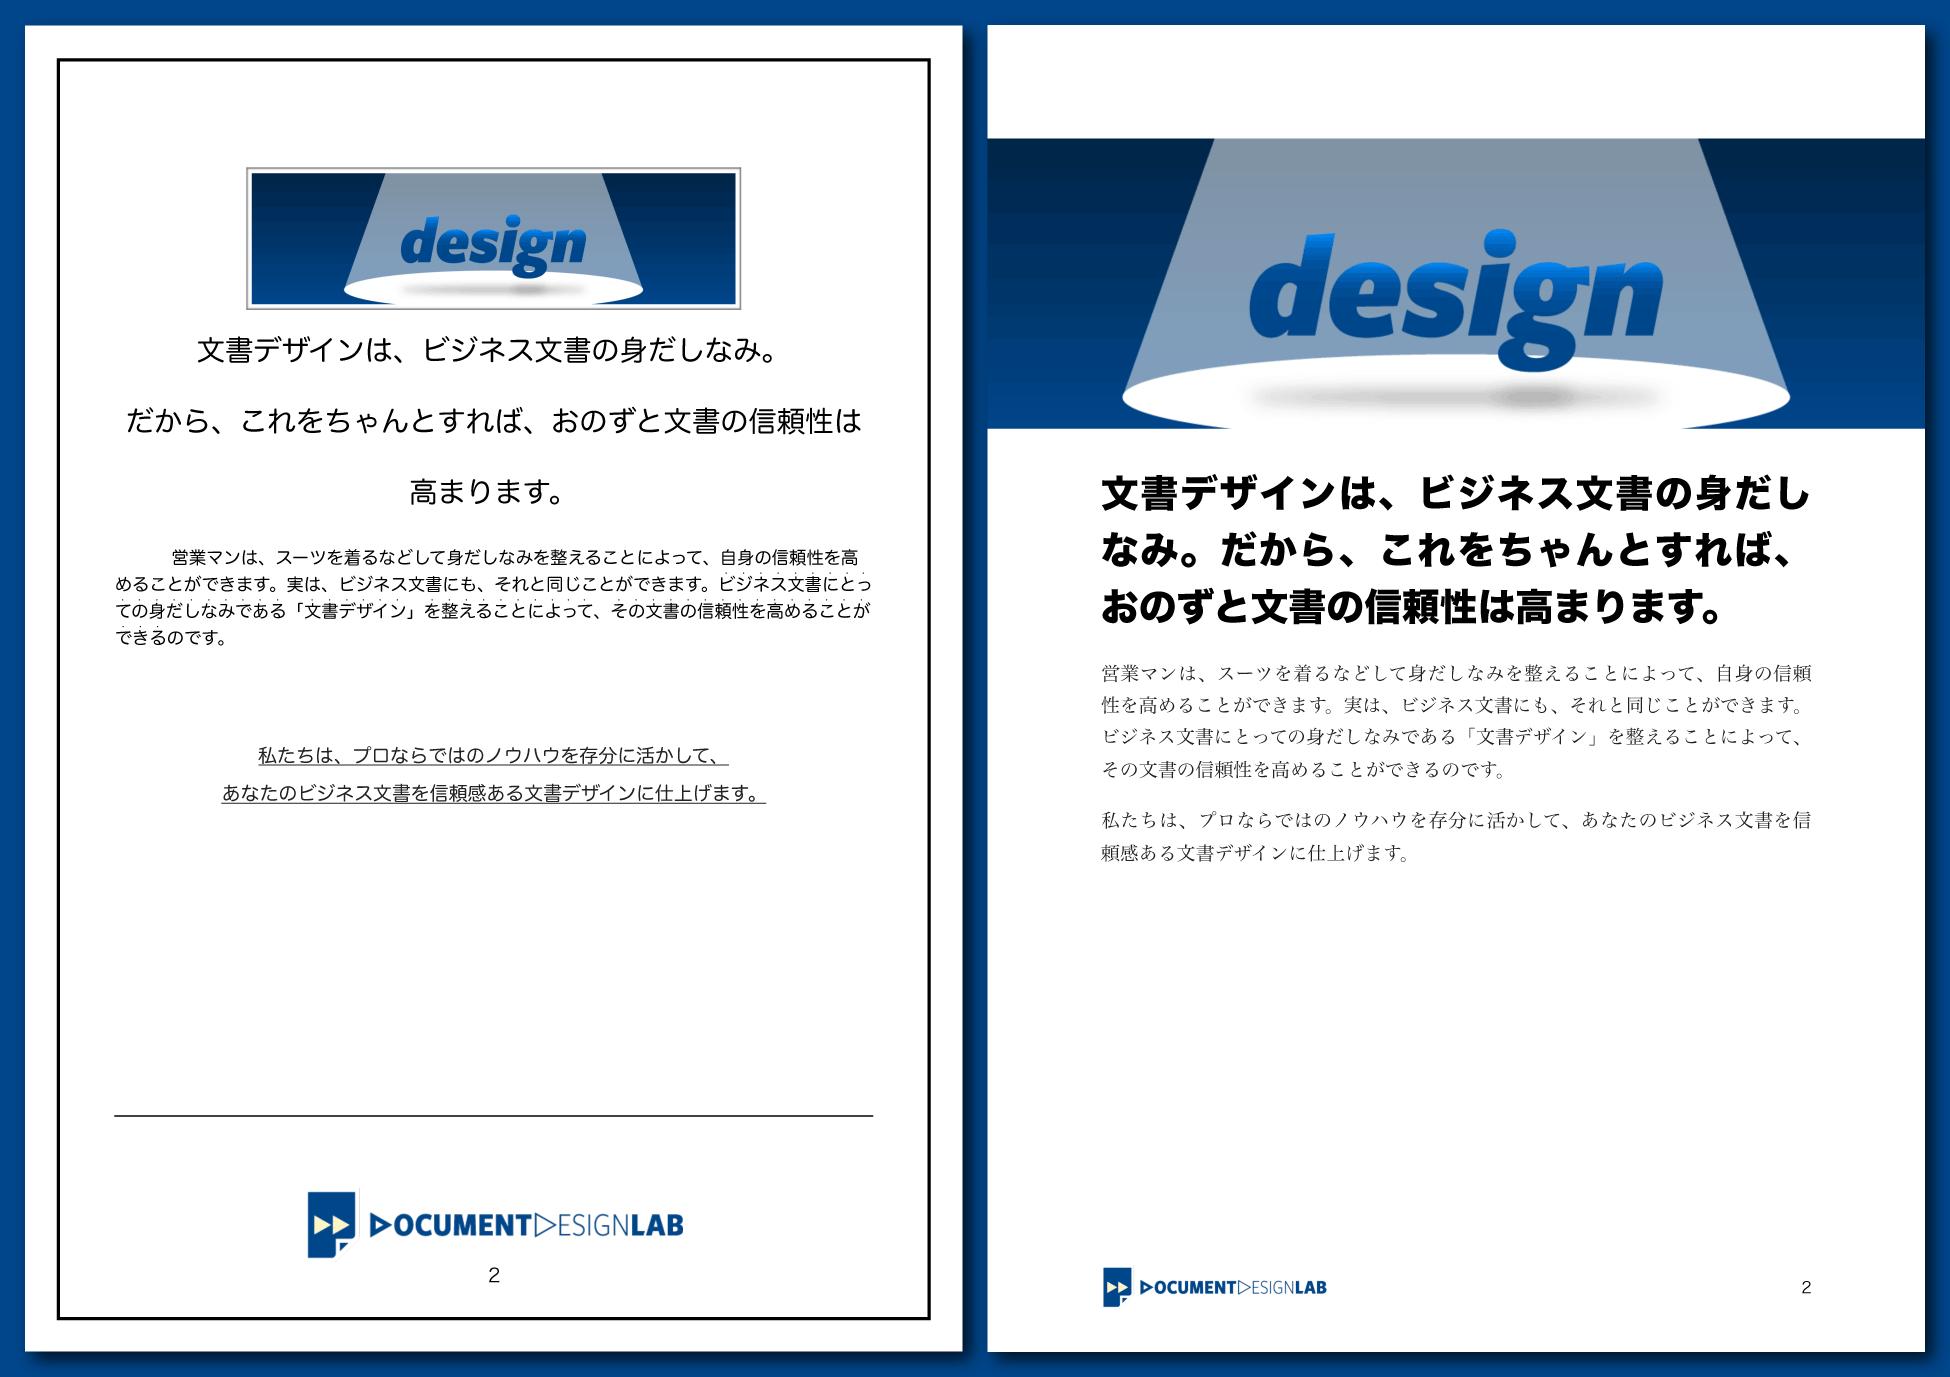 文書デザイン比較